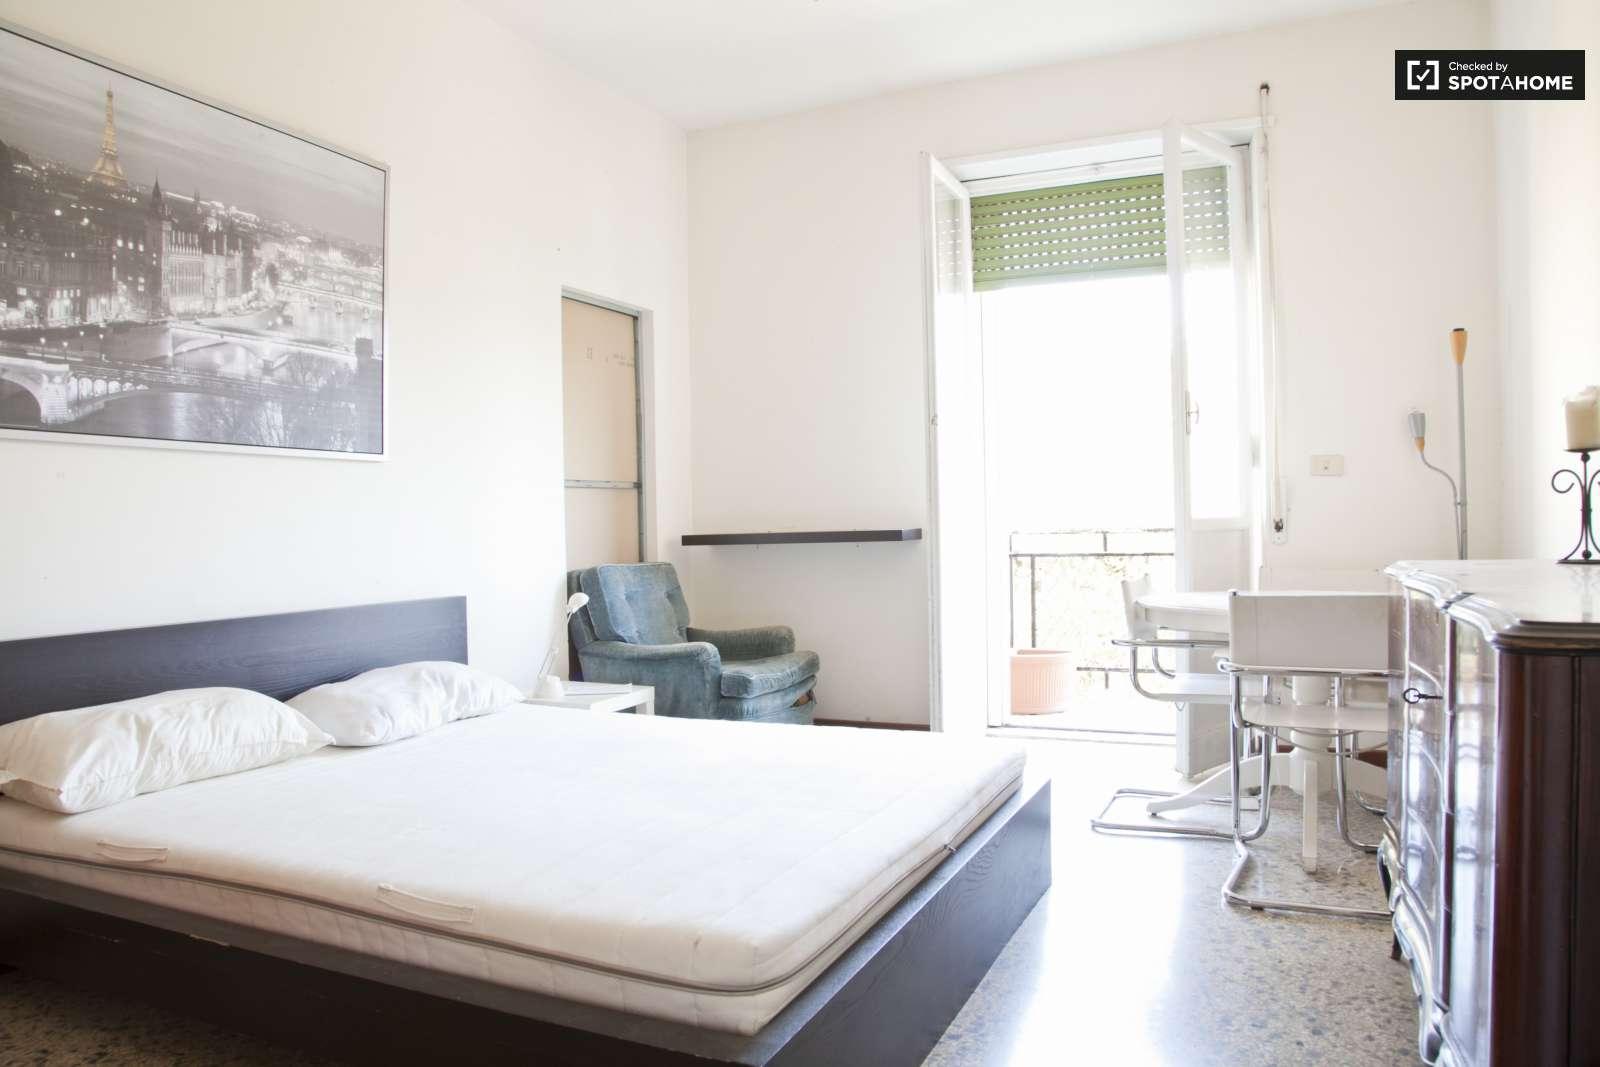 Stanze in affitto in un appartamento con 4 camere da letto a trieste roma ref 116838 spotahome - Affitto appartamento bologna 3 camere da letto ...